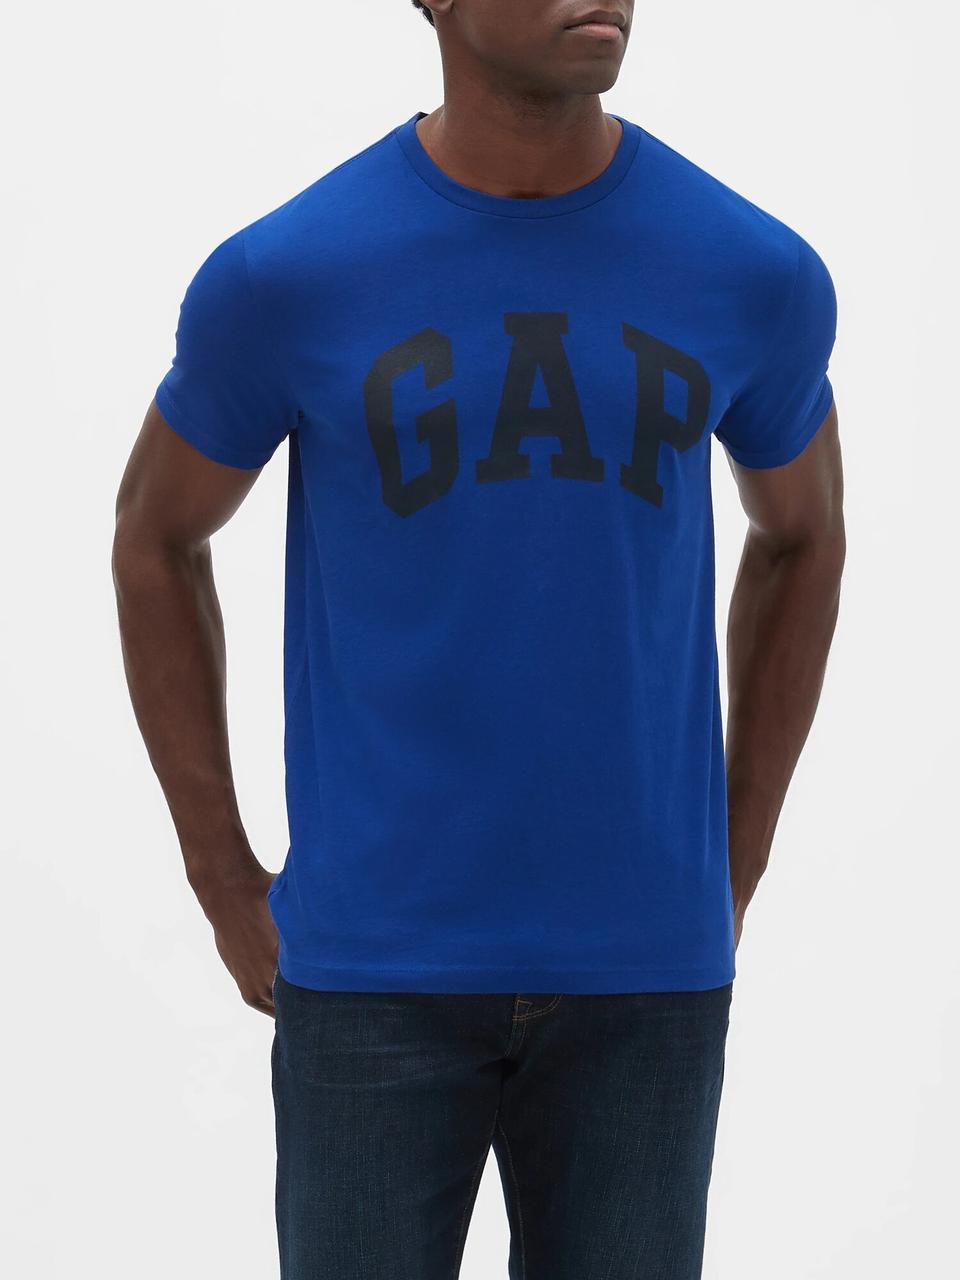 Мужская футболка GAP art336977 (Синий, размер  L)